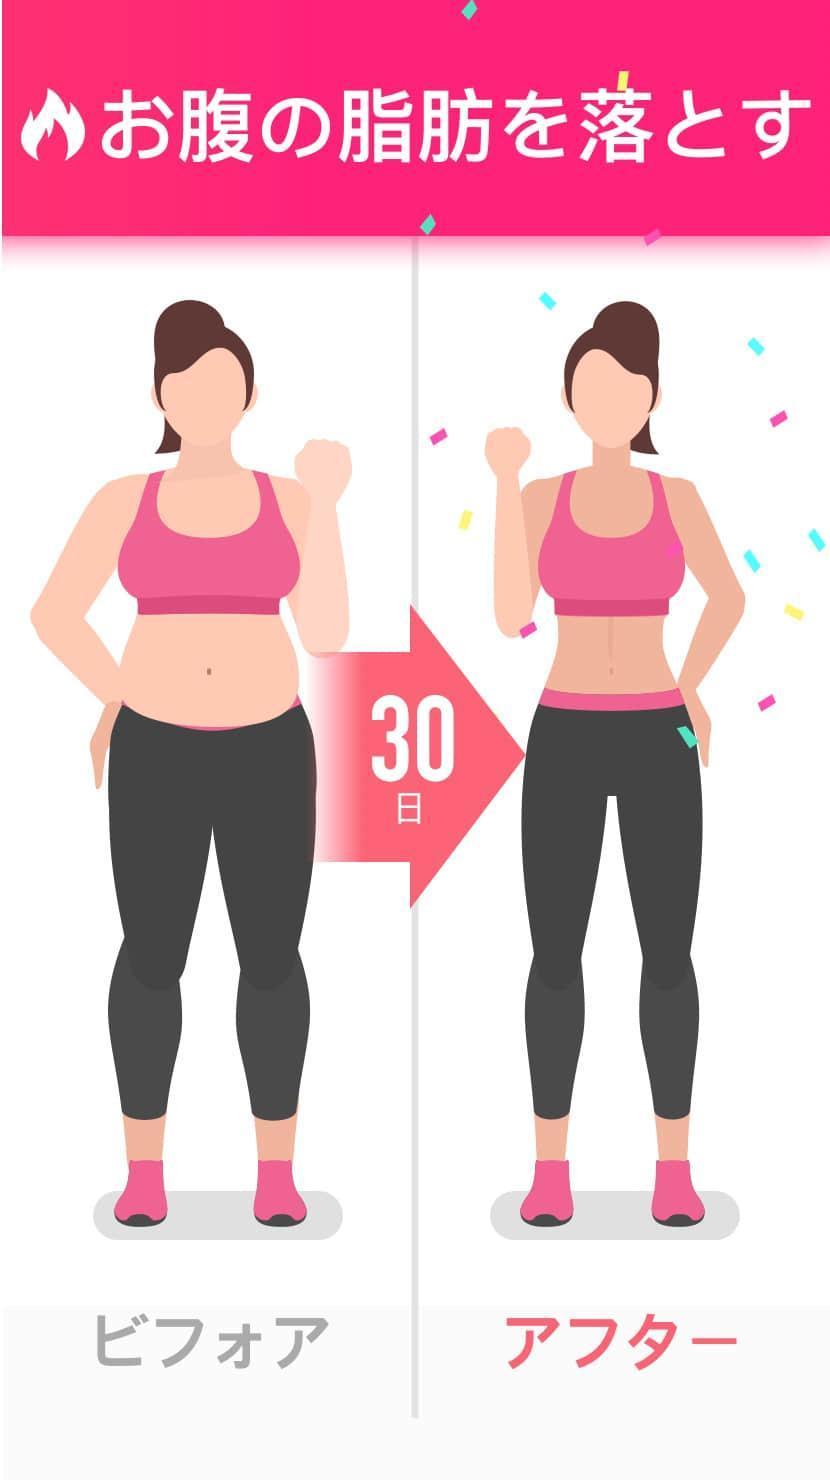 落とす お腹 周り 女性 脂肪